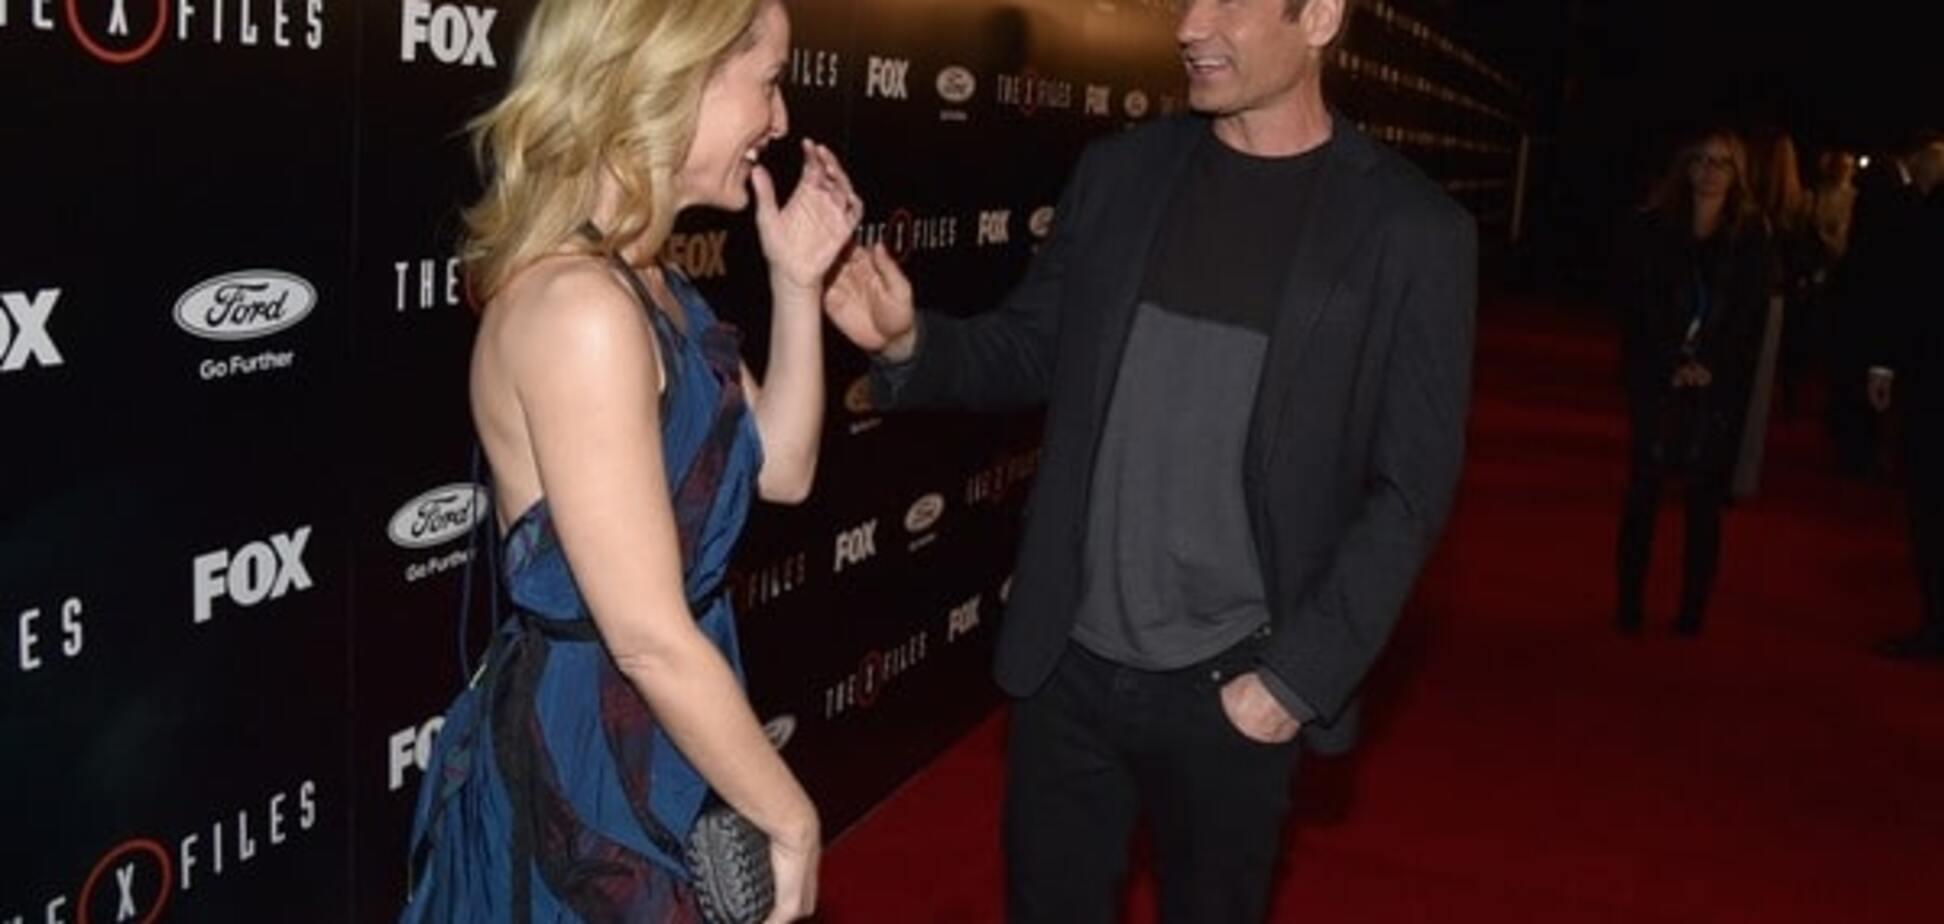 'Секретні матеріали': у Лос-Анджелесі відбулася прем'єра нового сезону серіалу